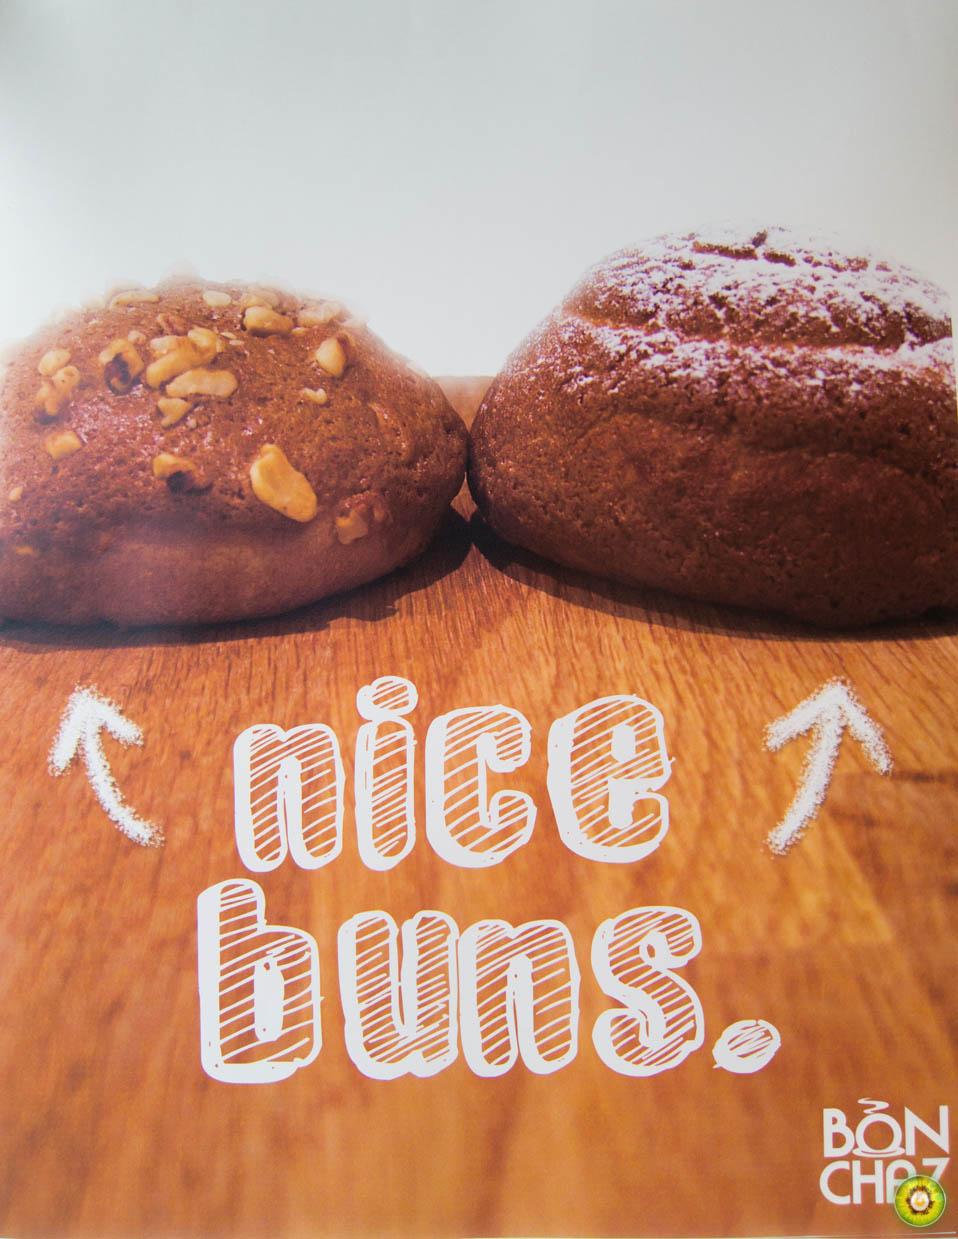 Nice Buns!